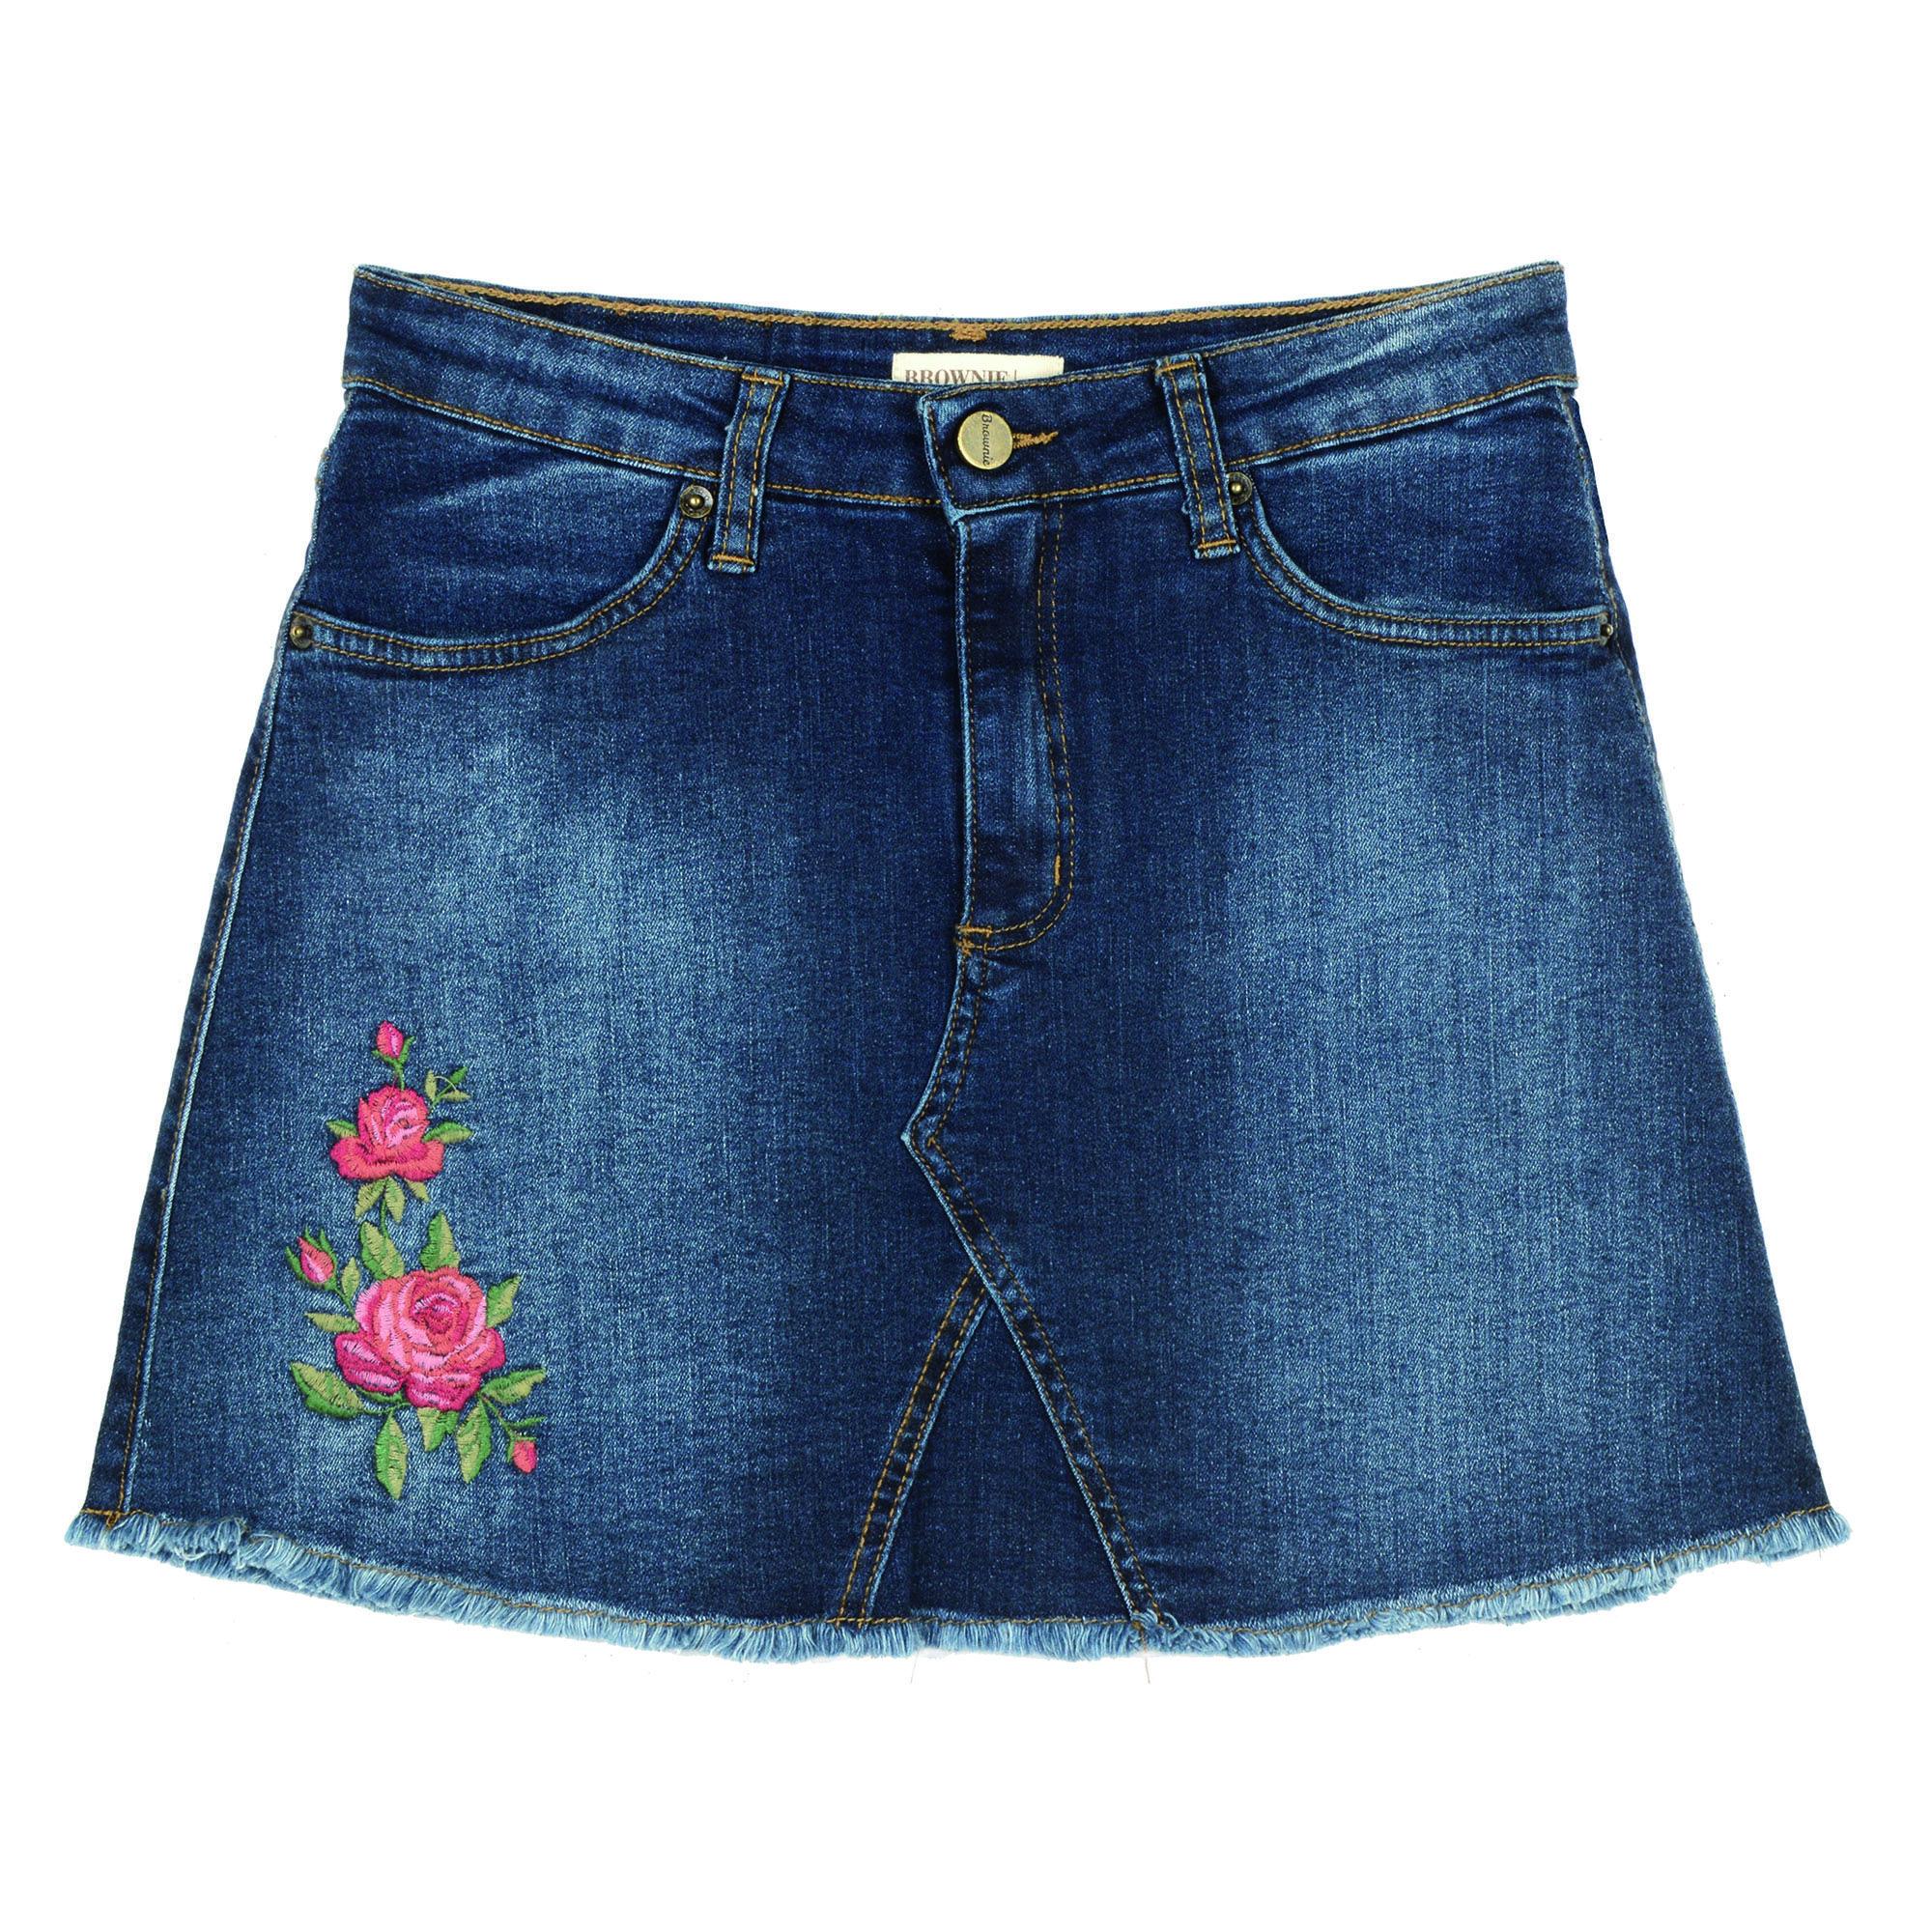 cb3cd71f4b Faldas vaqueras para dar un descanso a tus  jeans  - Compras  la falda  vaquera será tu aliada